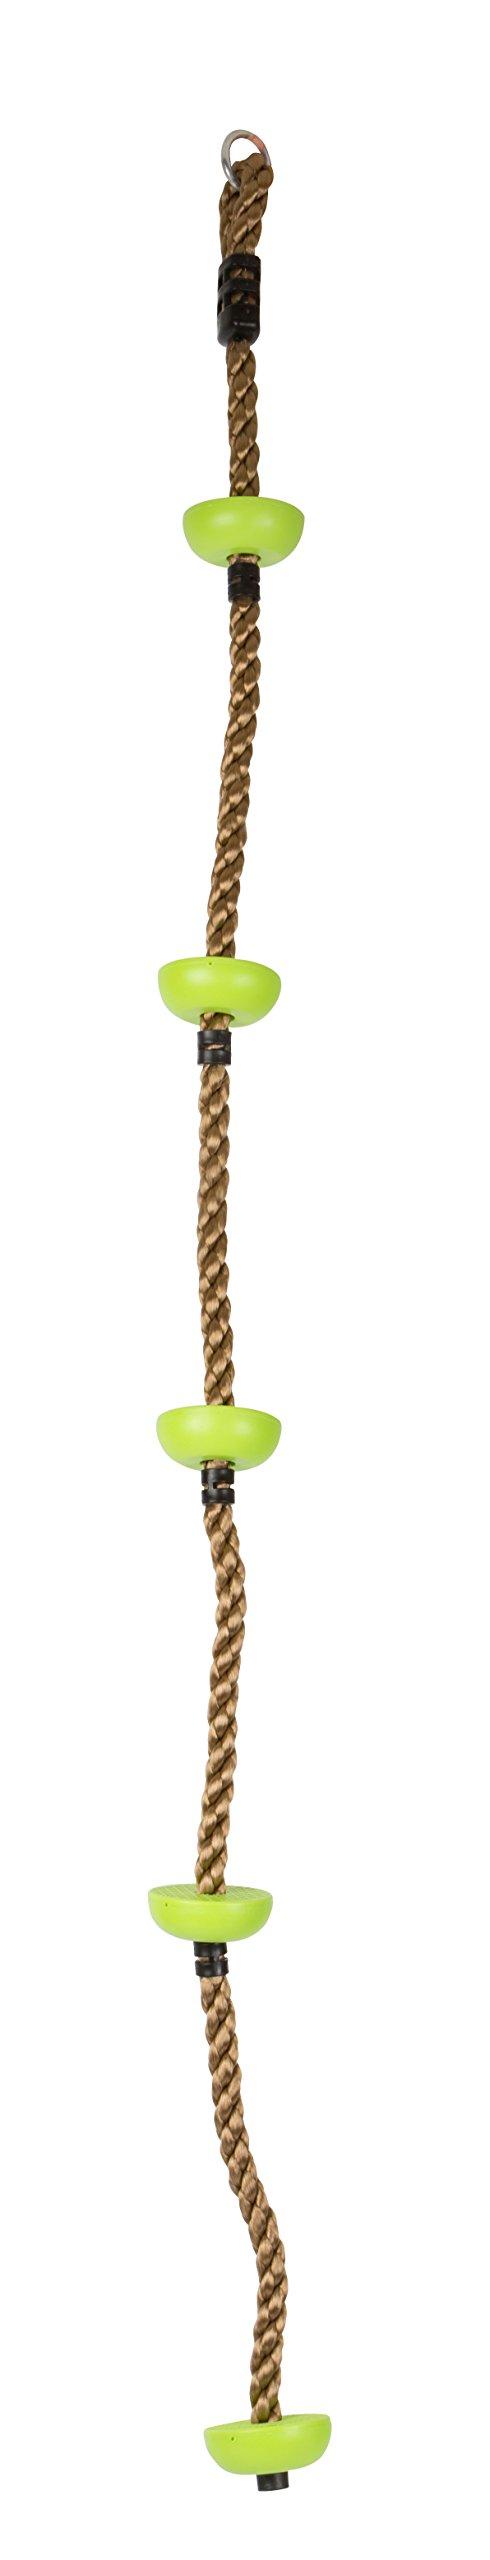 Small Foot 10877 – Cuerda de Escalada (Resistente, Resistente a la Intemperie, con Ganchos y Rastas de Seguridad, para Uso en Interiores y Exteriores, Apto para Niños a Partir de 3 Años)